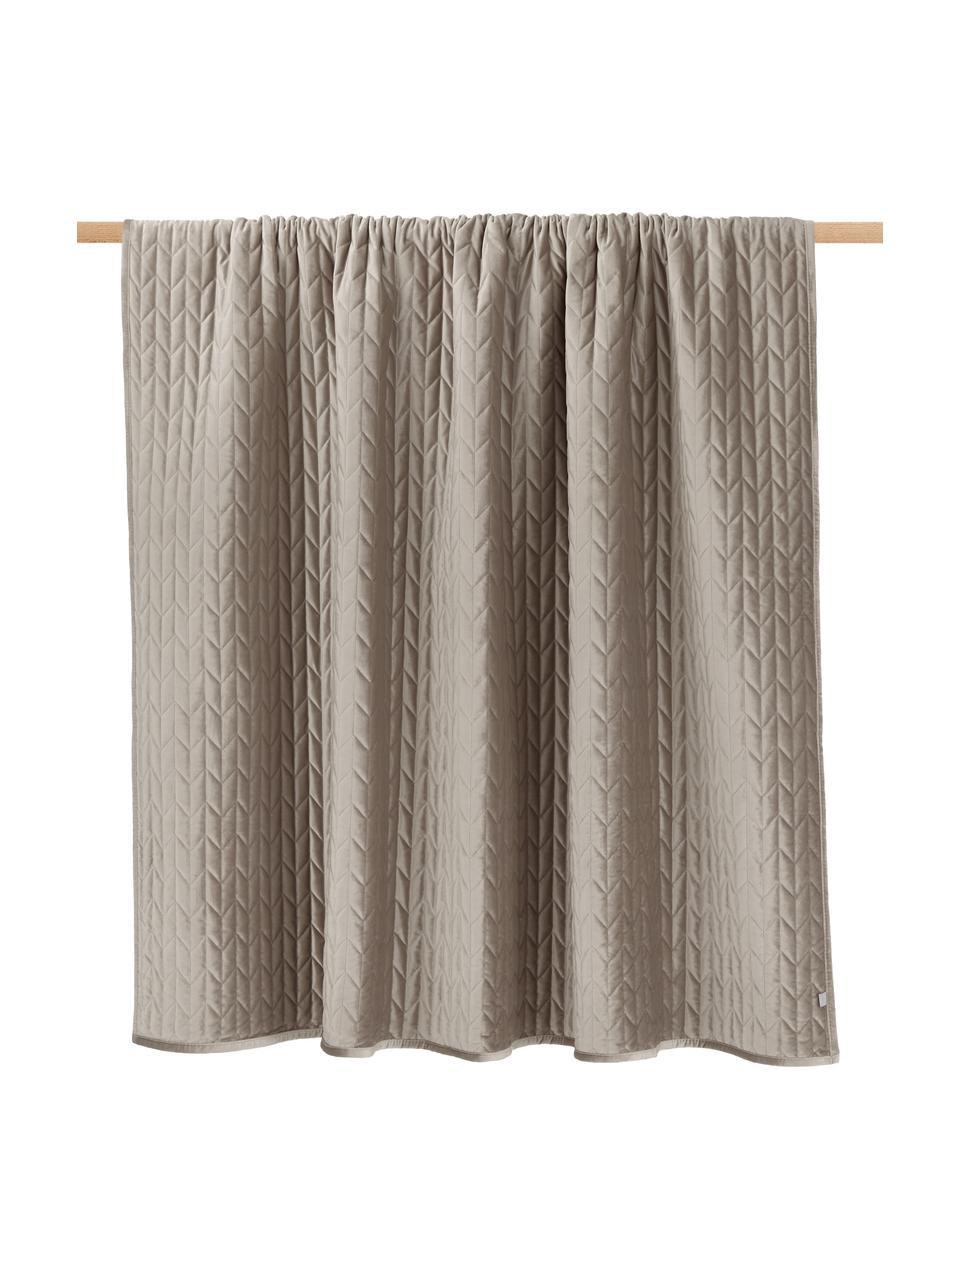 Copriletto con trapuntatura decorativa Tily, 100% poliestere, Beige, Larg. 180 x Lung. 260 cm (per letti da 140 x 200)